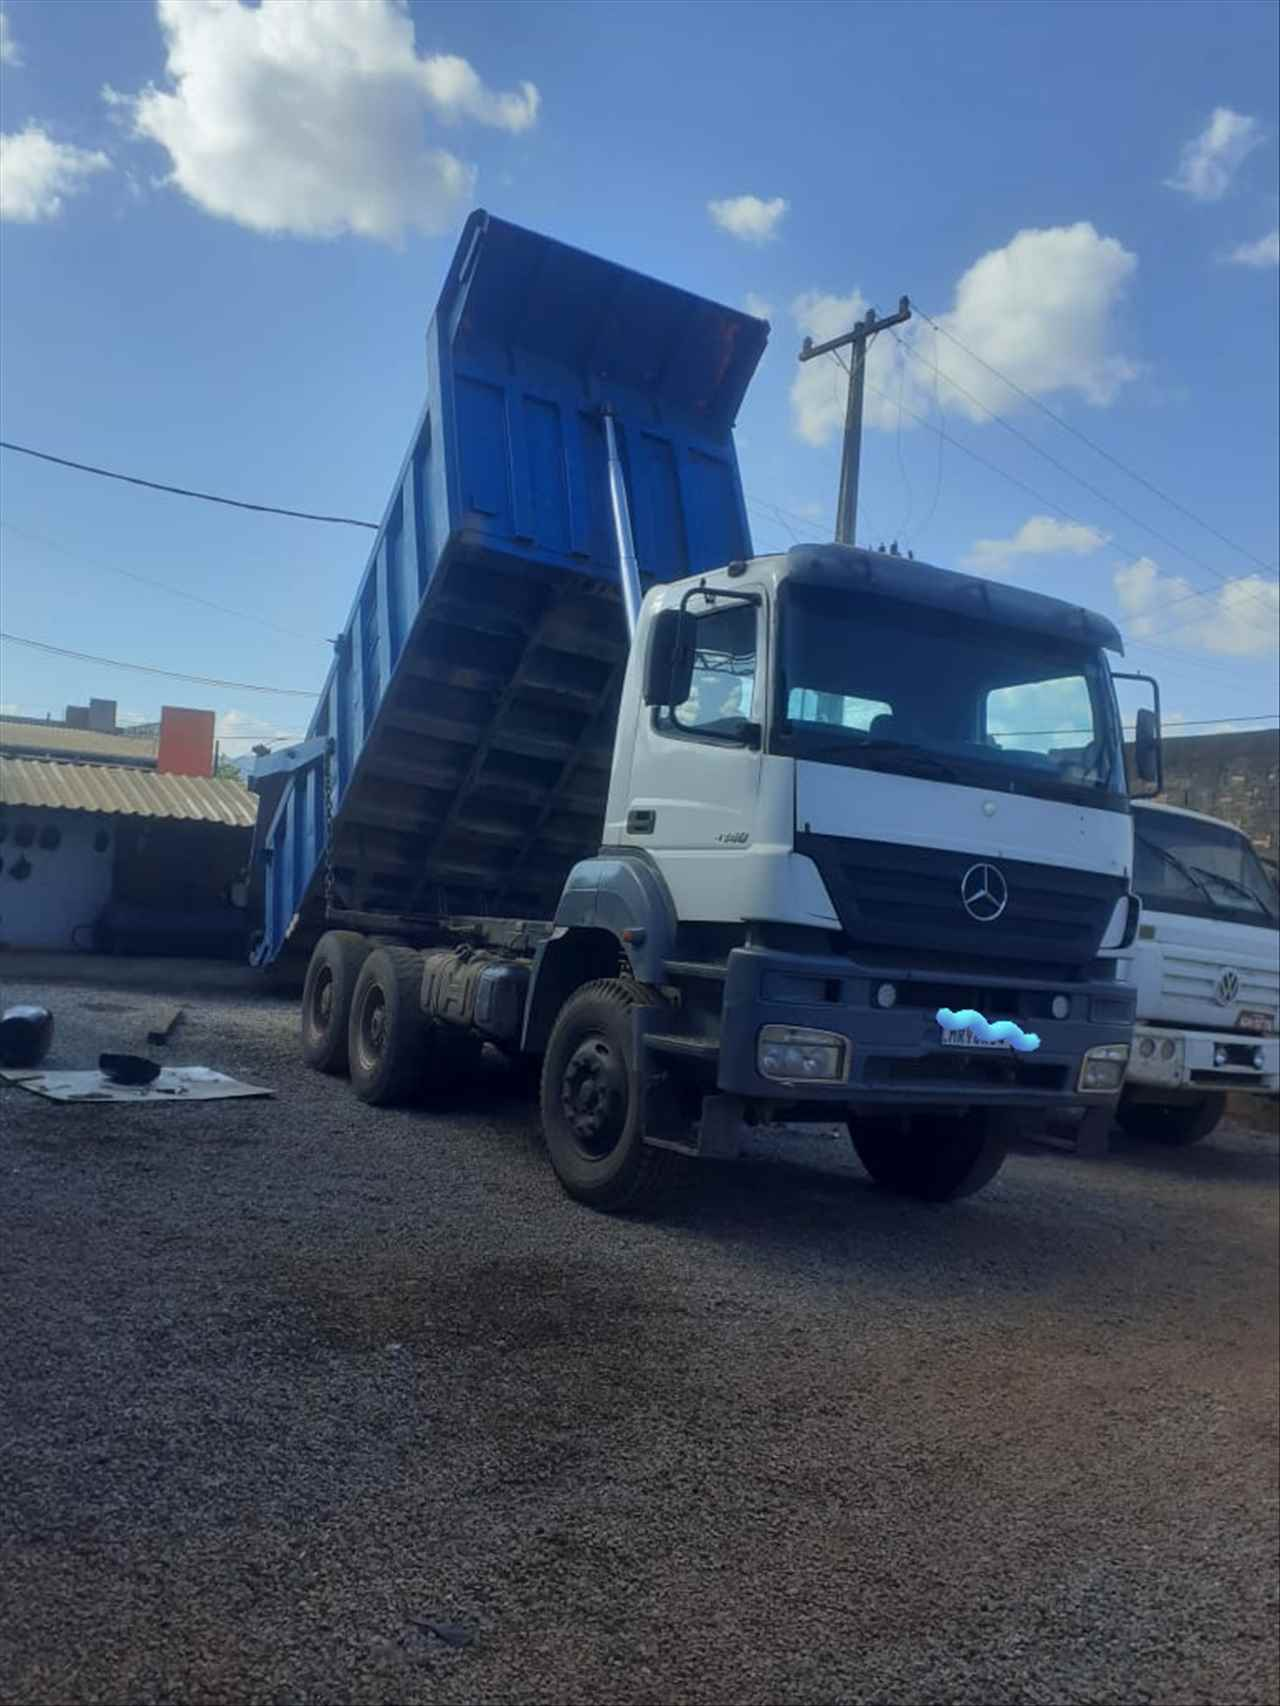 CAMINHAO MERCEDES-BENZ MB 4140 Caçamba Basculante Traçado 6x4 Caminhões Certos CONTAGEM MINAS GERAIS MG